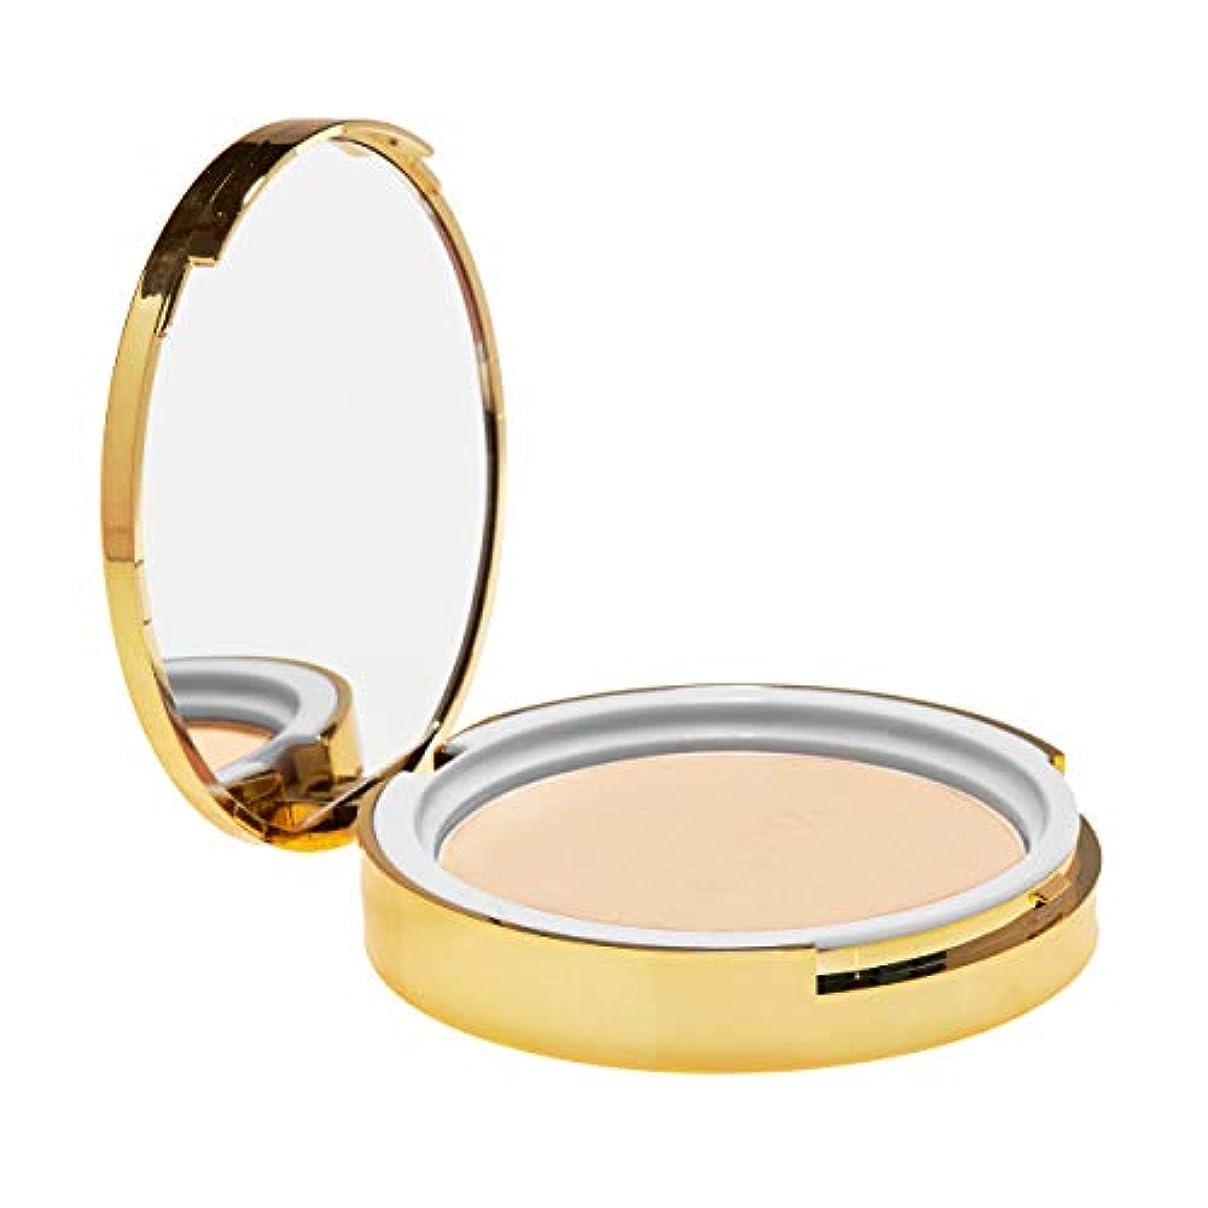 噴出する意味する名誉Winky Lux Diamond Powders Foundation - # Light 8g/0.28oz並行輸入品